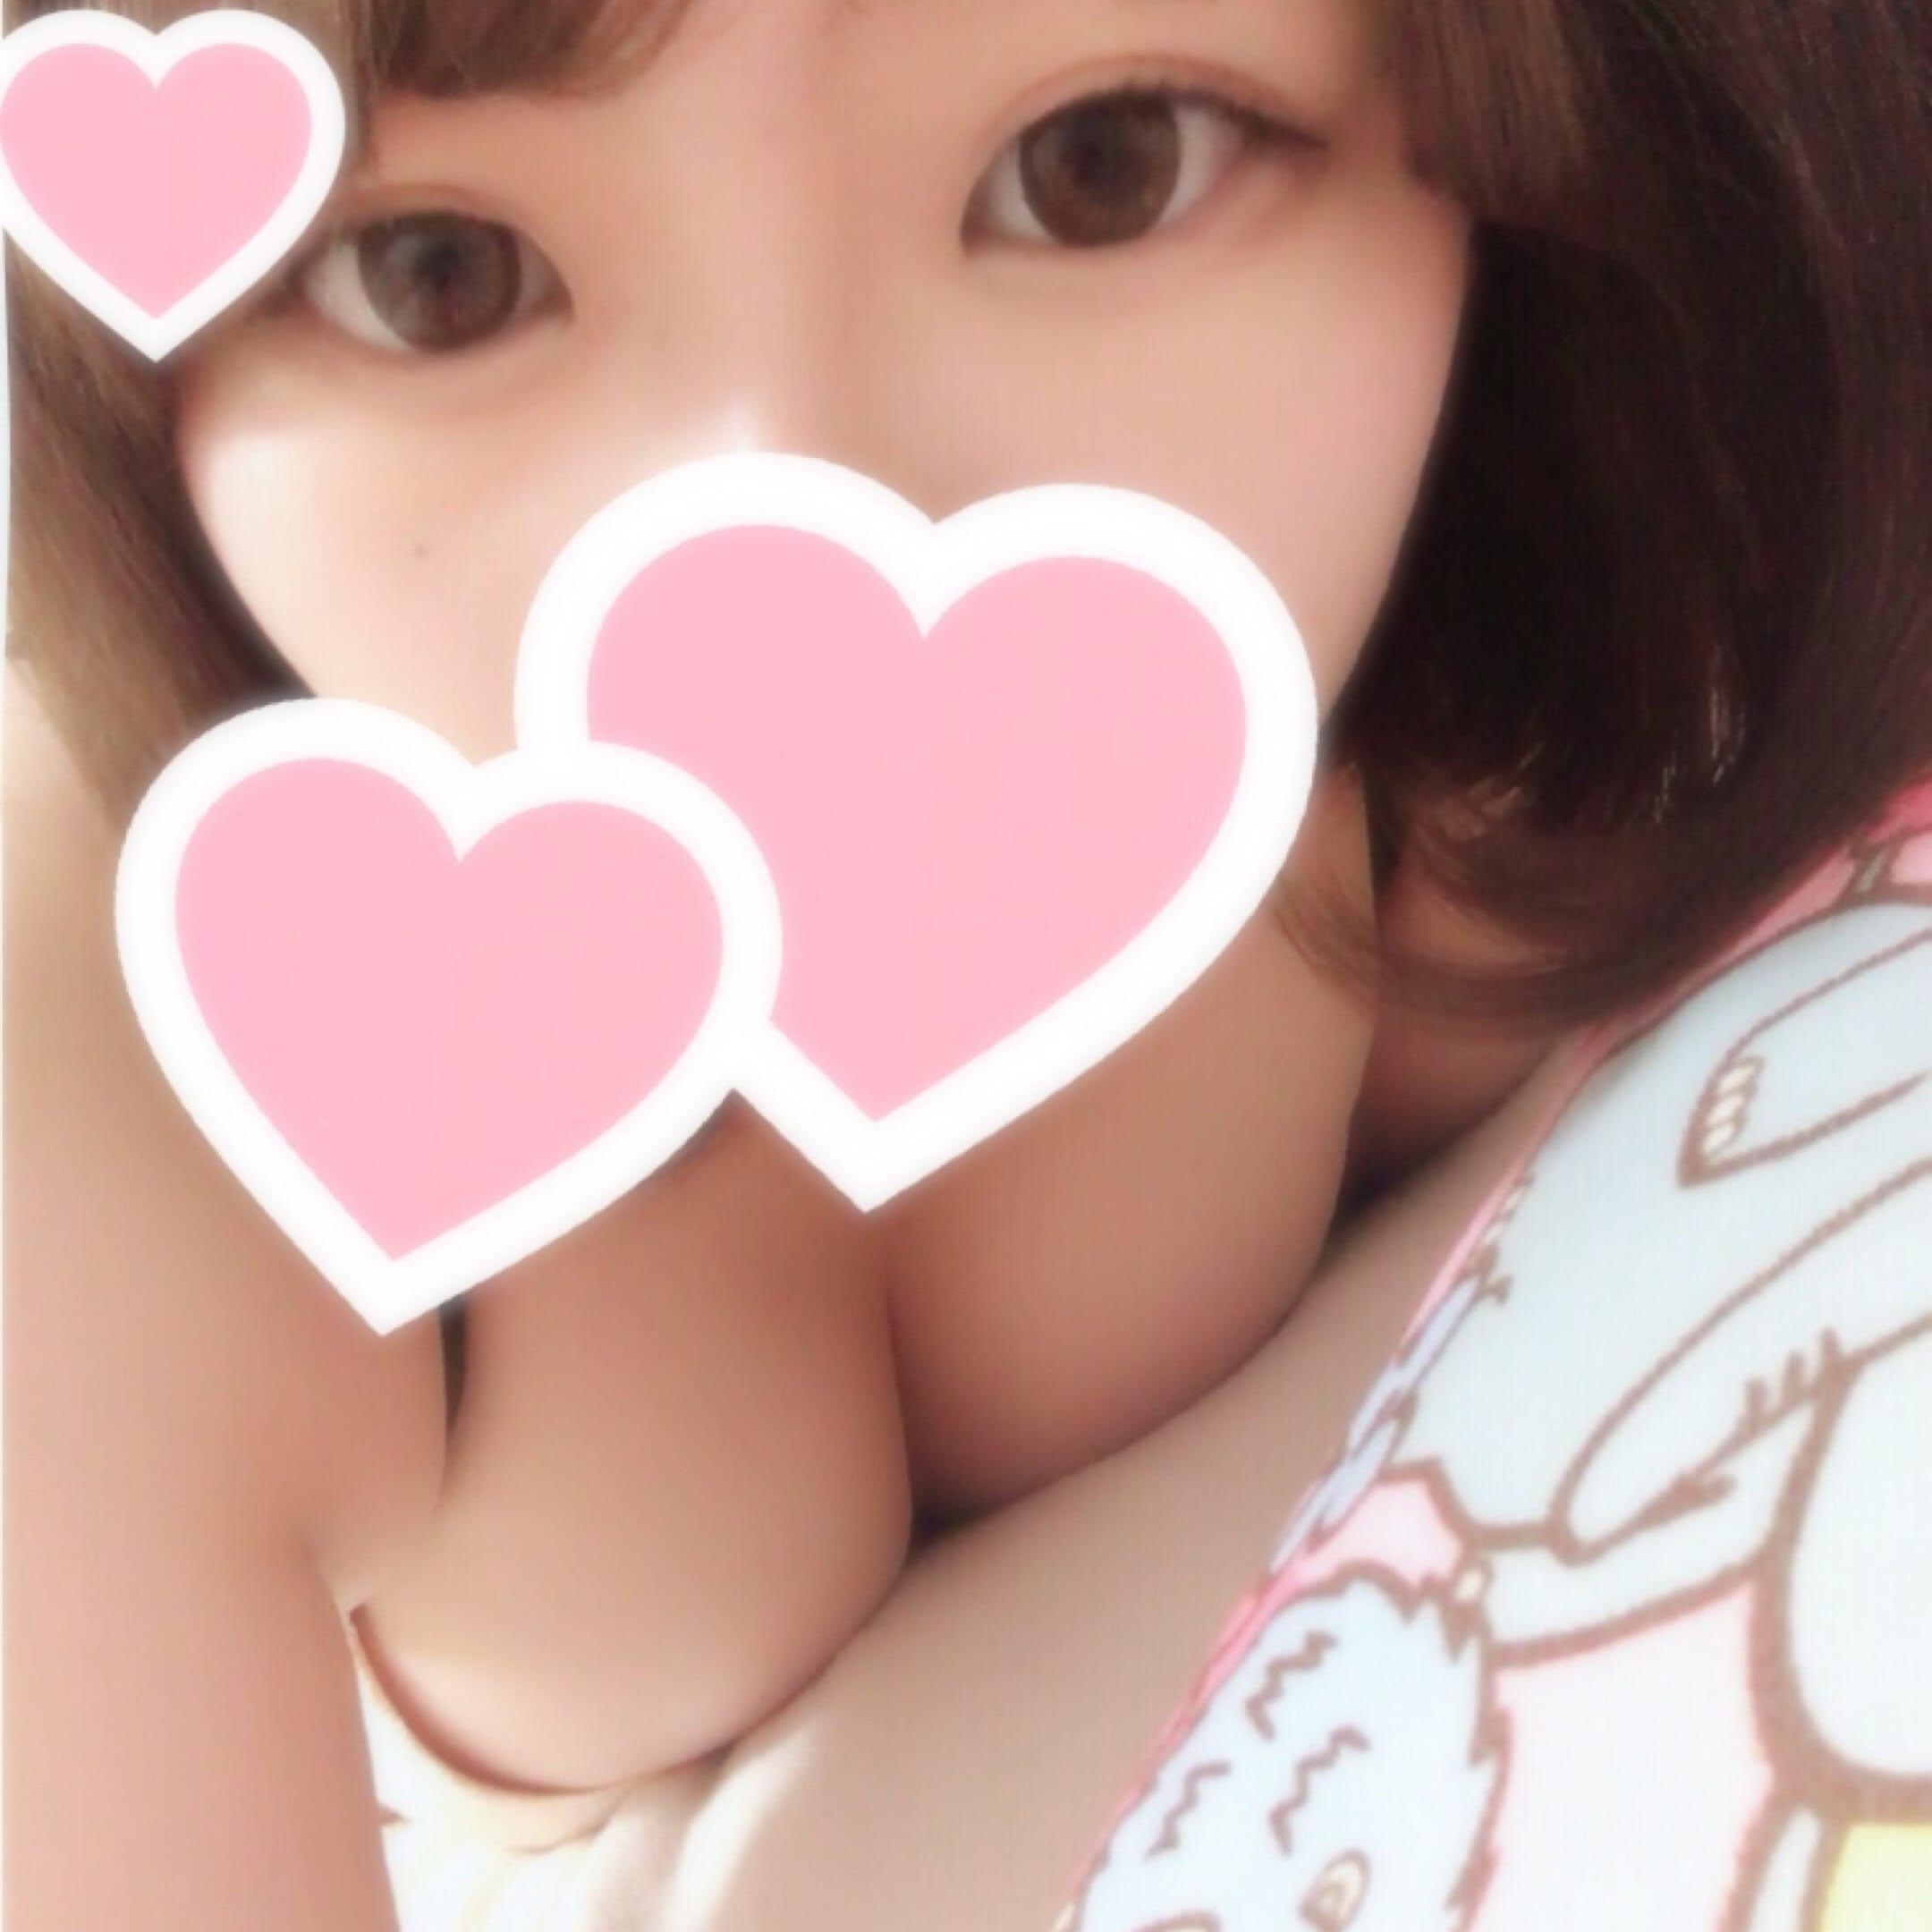 「みりあです」03/26(03/26) 17:37 | みりあちゃんの写メ・風俗動画